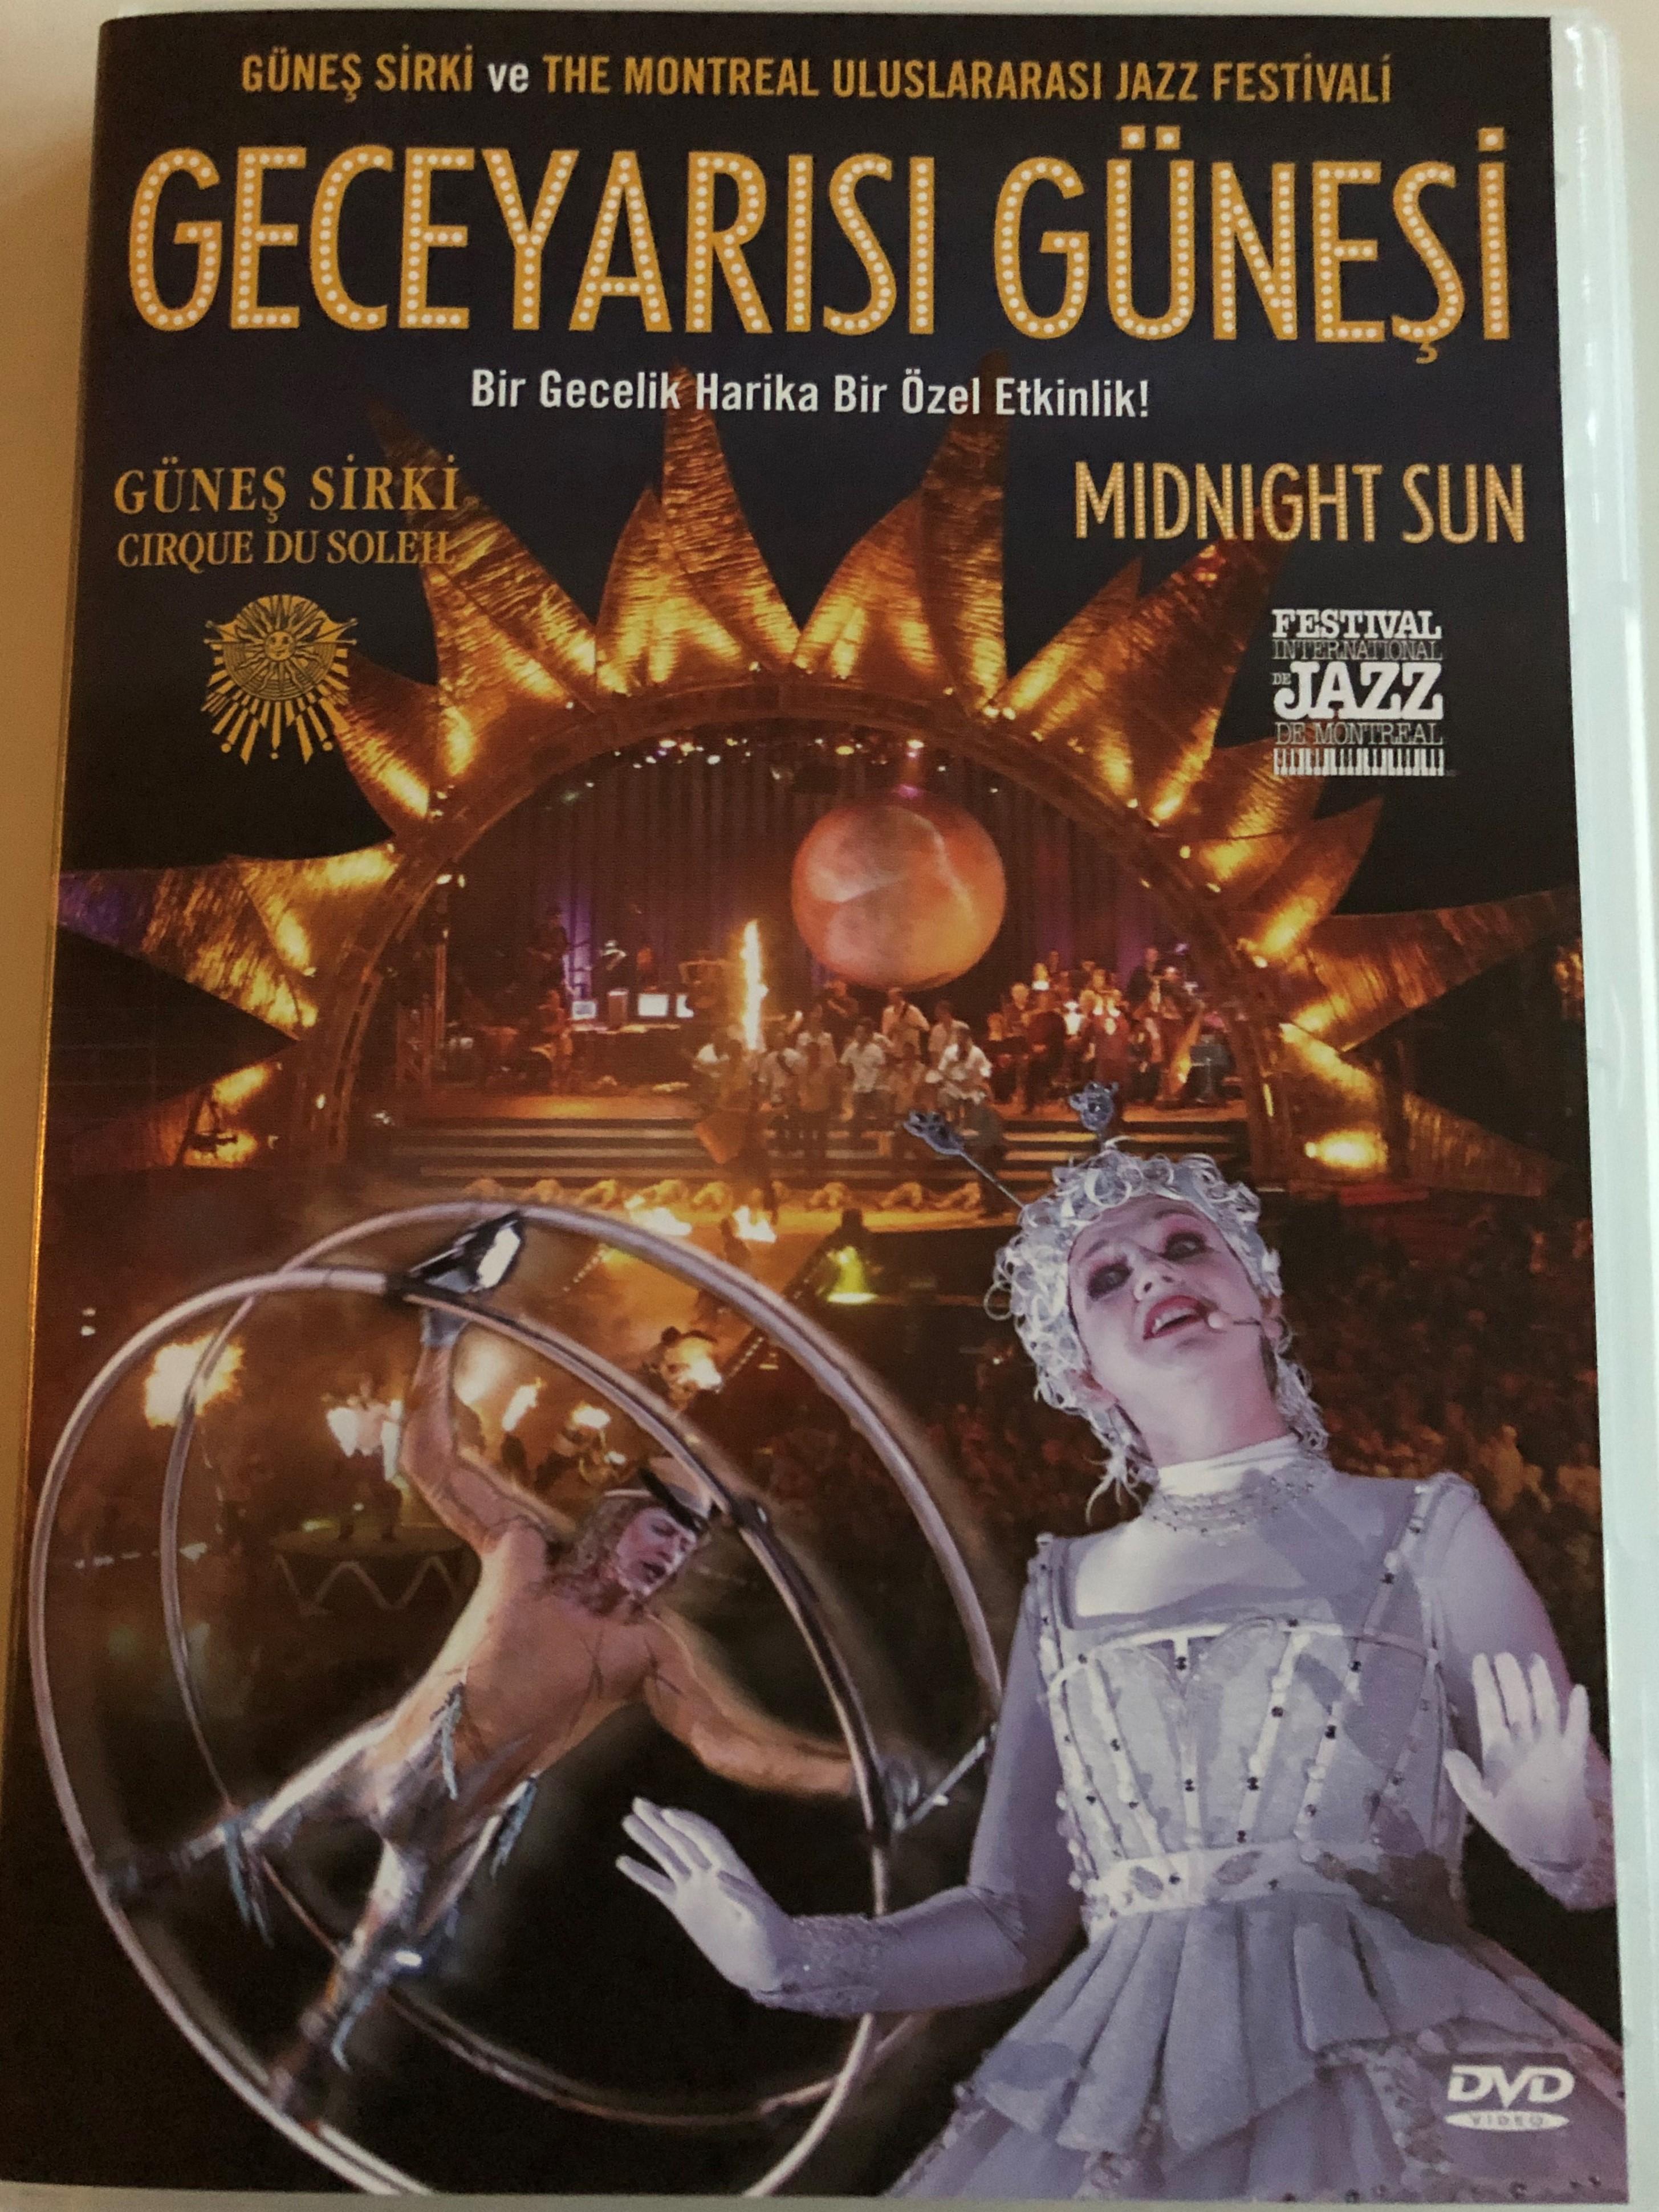 midight-sun-dvd-geceyarisi-g-nesi-cirque-du-soleil-the-montreal-uluslararasi-jazz-festivali-1.jpg